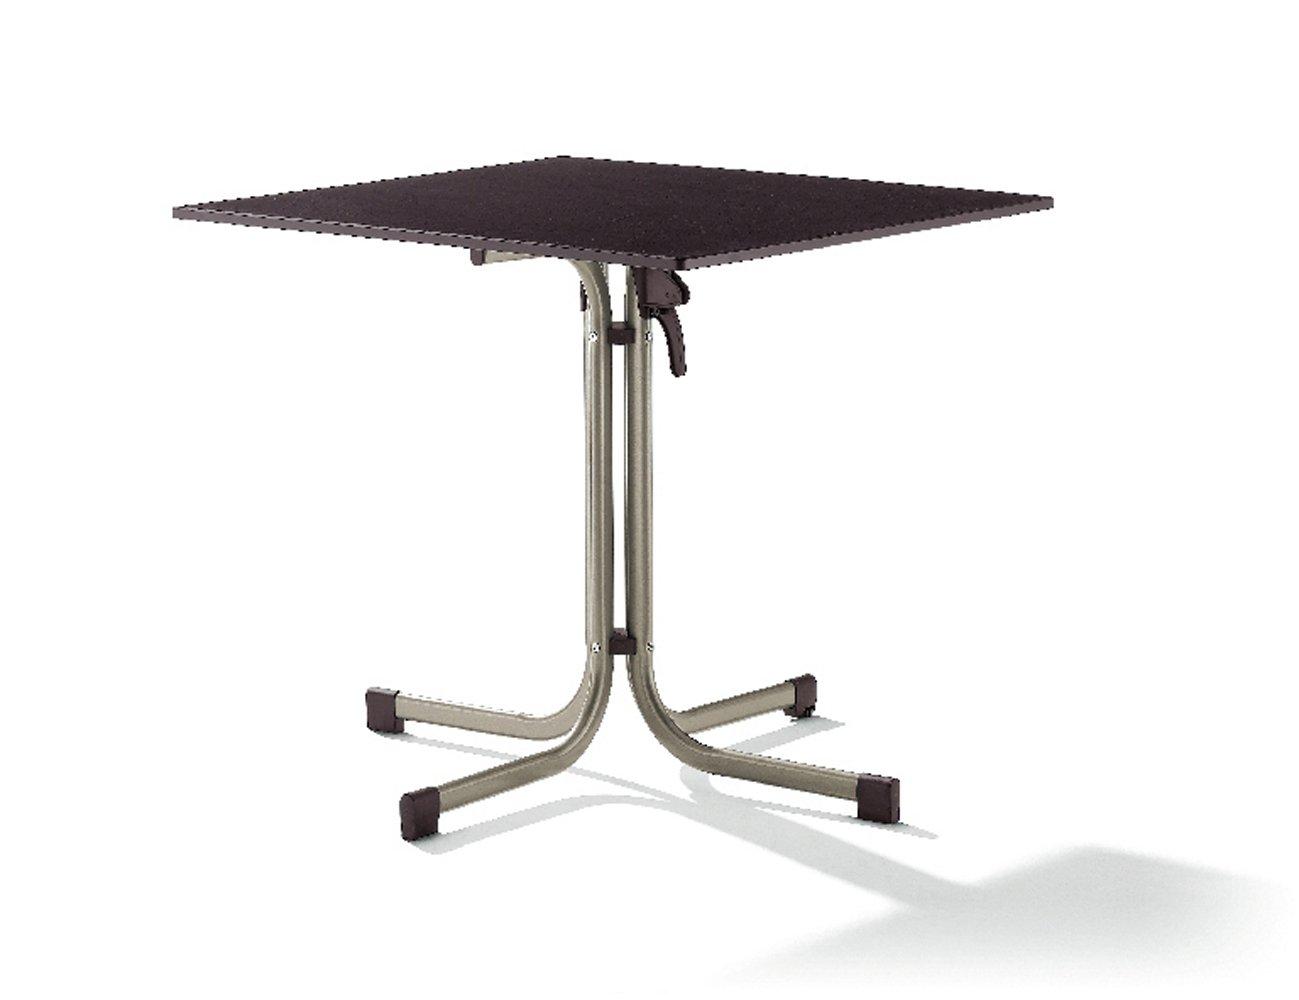 Sieger 1330-60 Gastro-Tisch mit Puroplan-Platte 80 x 80 cm, Stahlrohrgestell champagner, Tischplatte Schieferdekor mocca